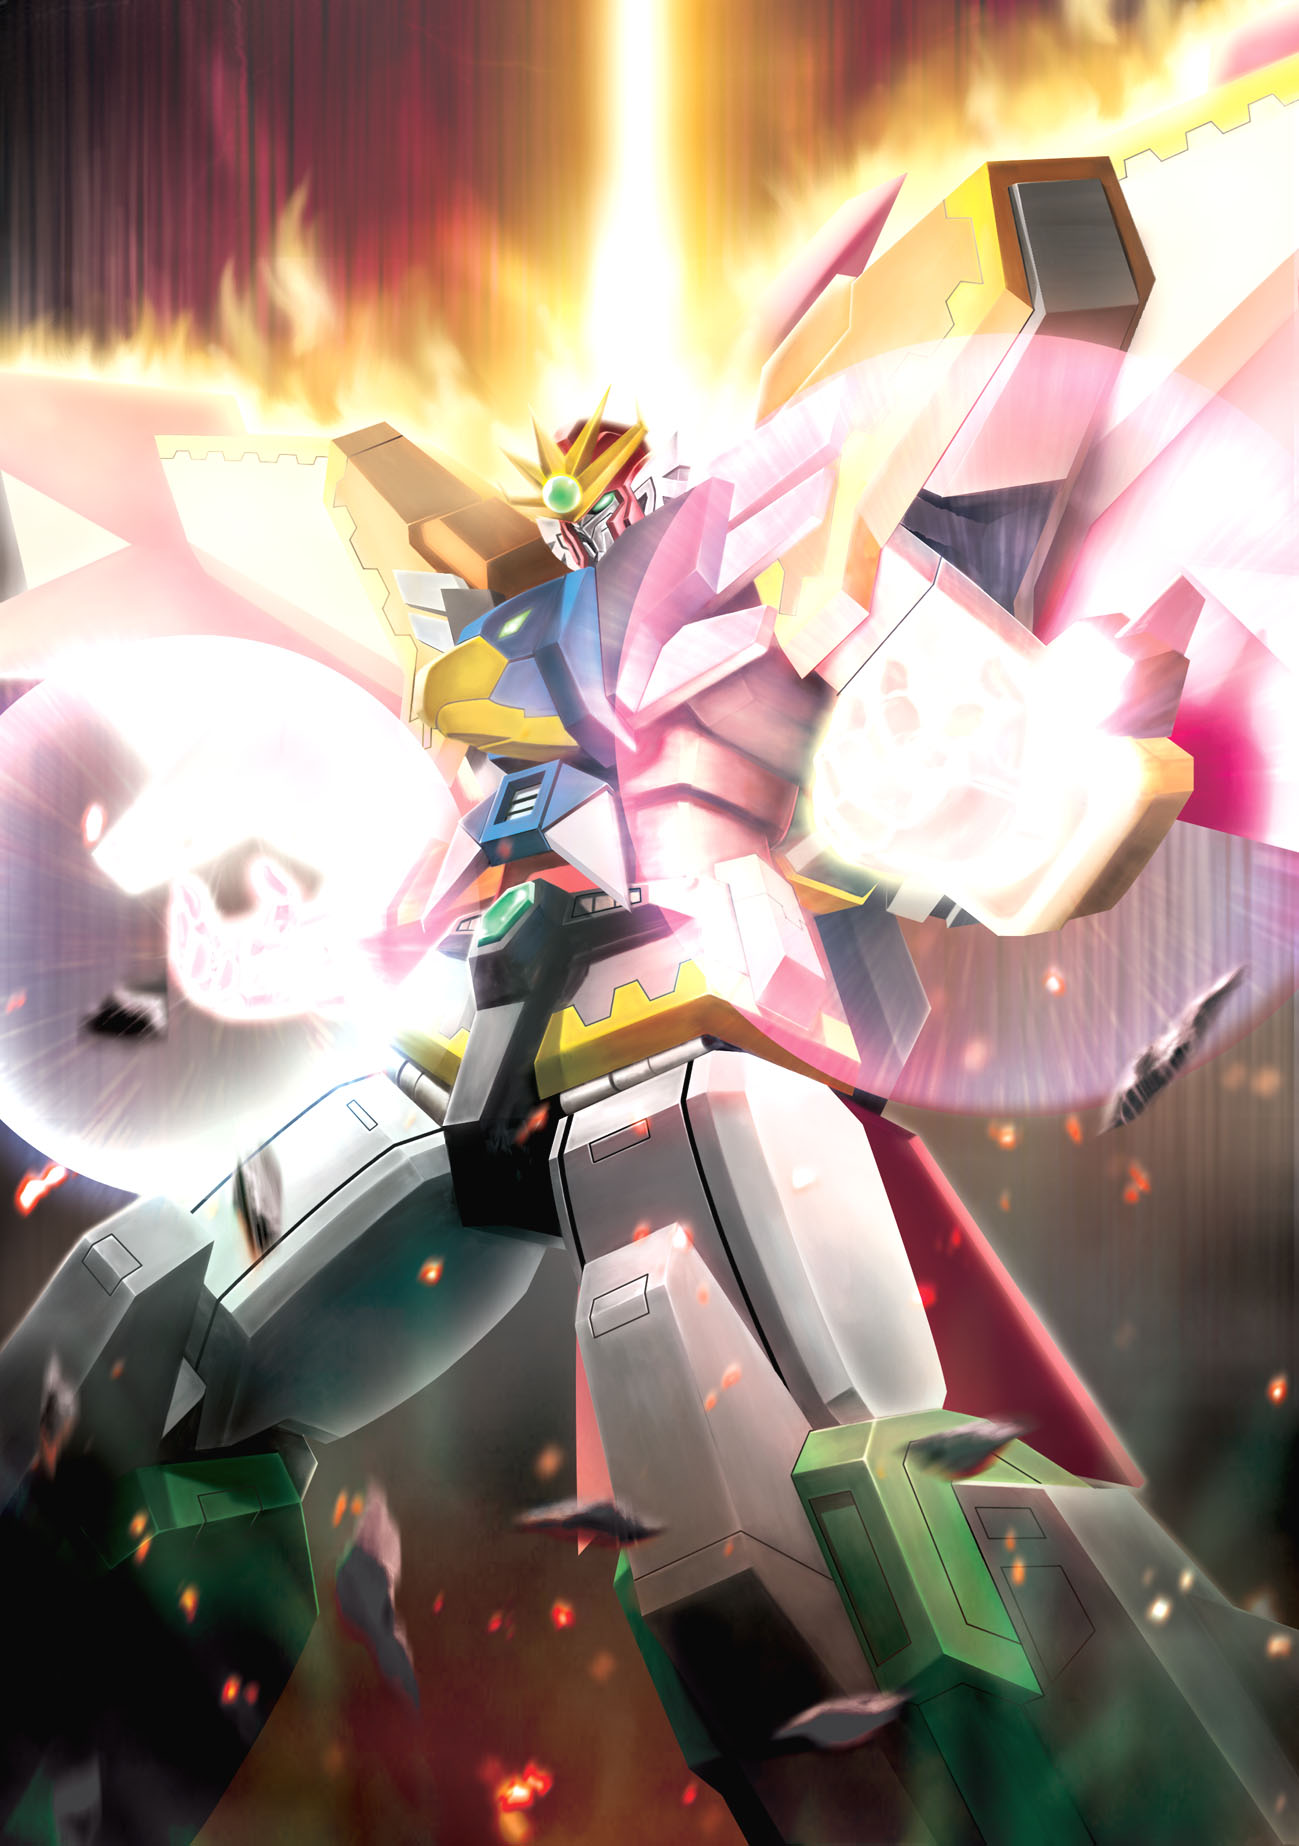 gun x sword - kimura takahiro - image  615196